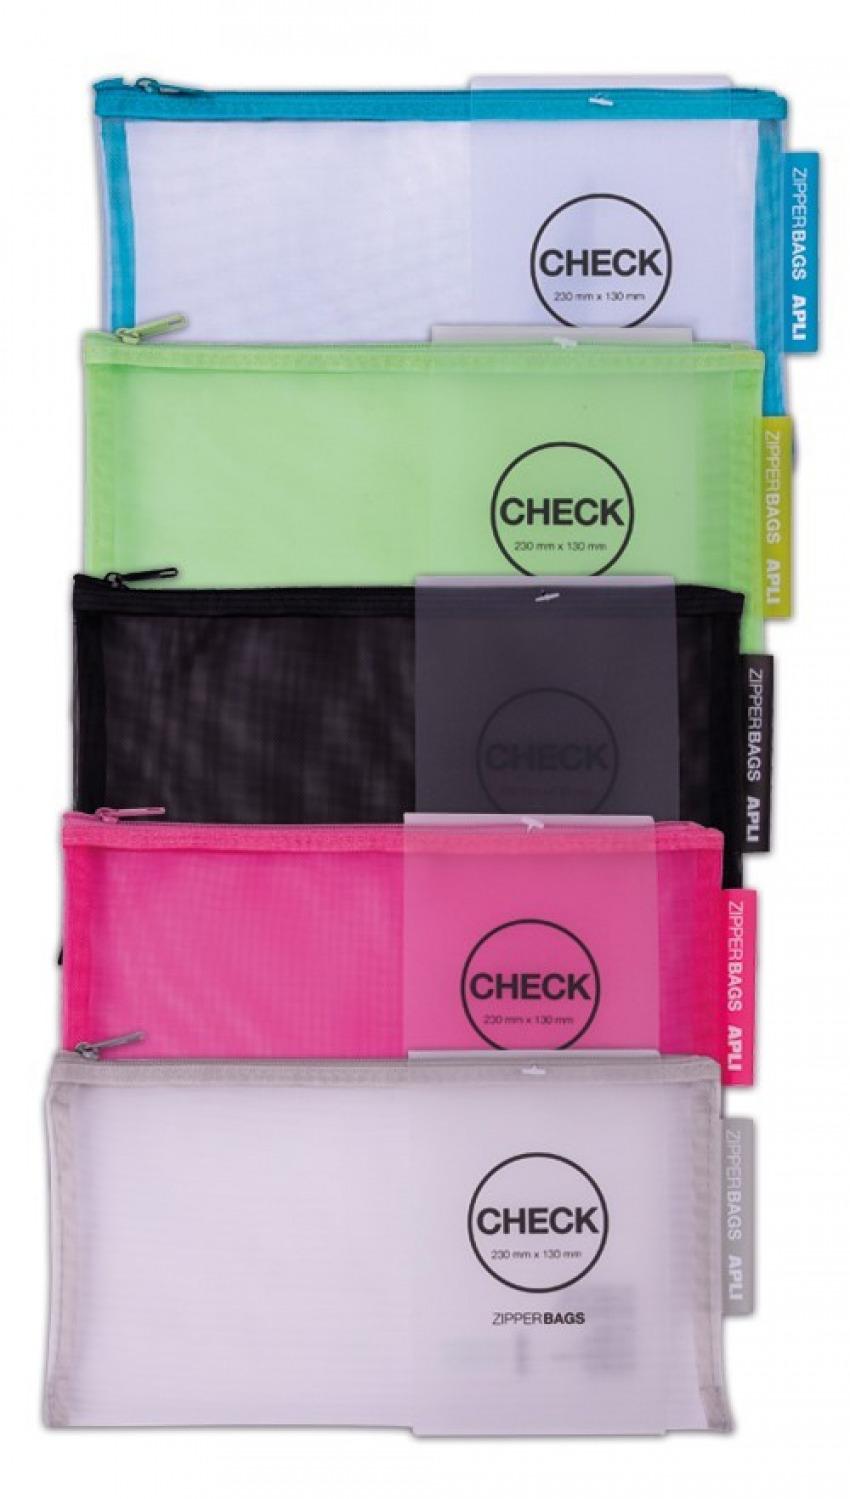 C/20 bolsas zipper check con cremallera colores surtidos 23cm x 13cm 1410782180255